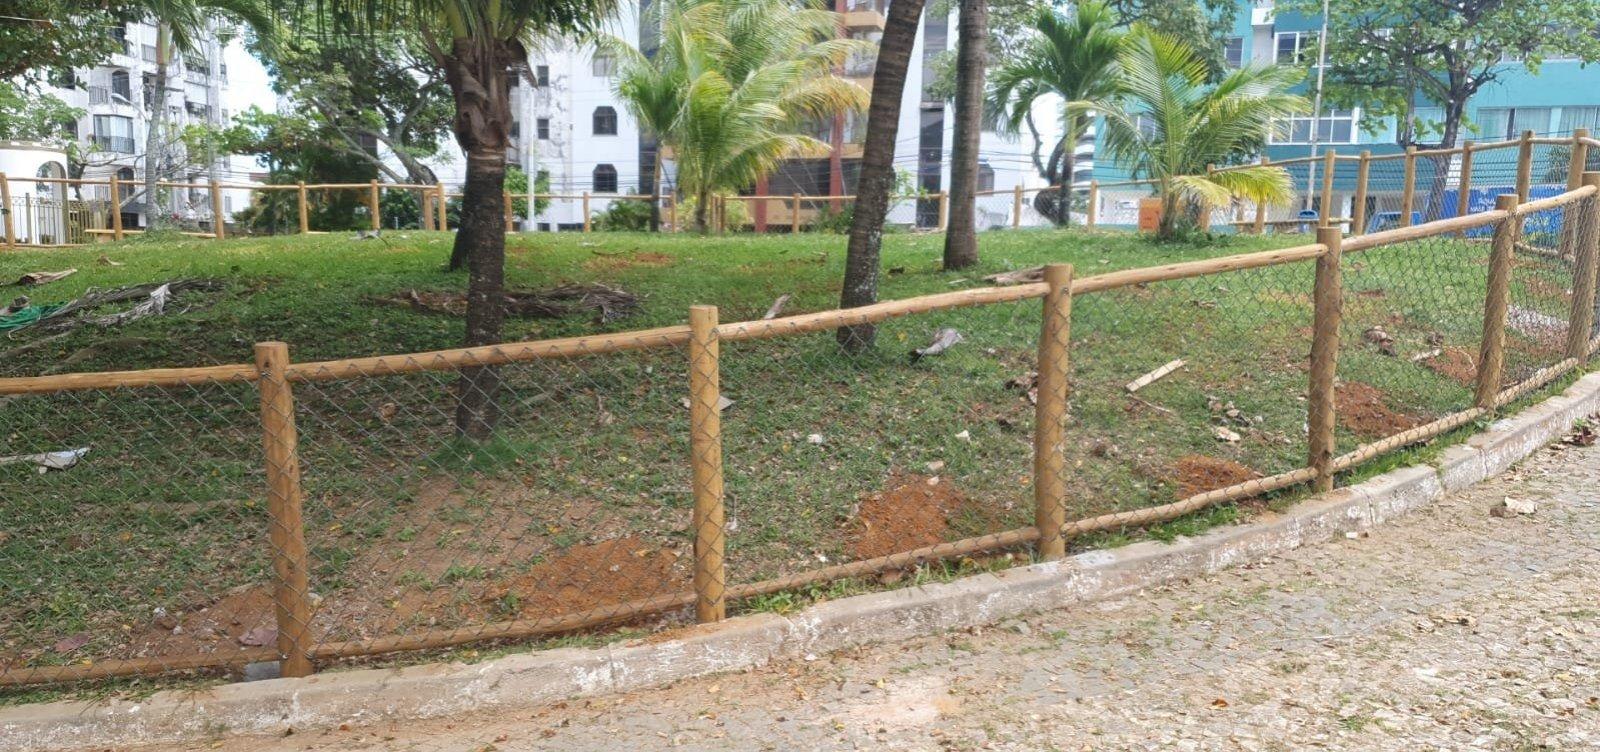 Moradores do Rio Vermelho se queixam de 'cachorródromo' em praça antes de revitalização do espaço